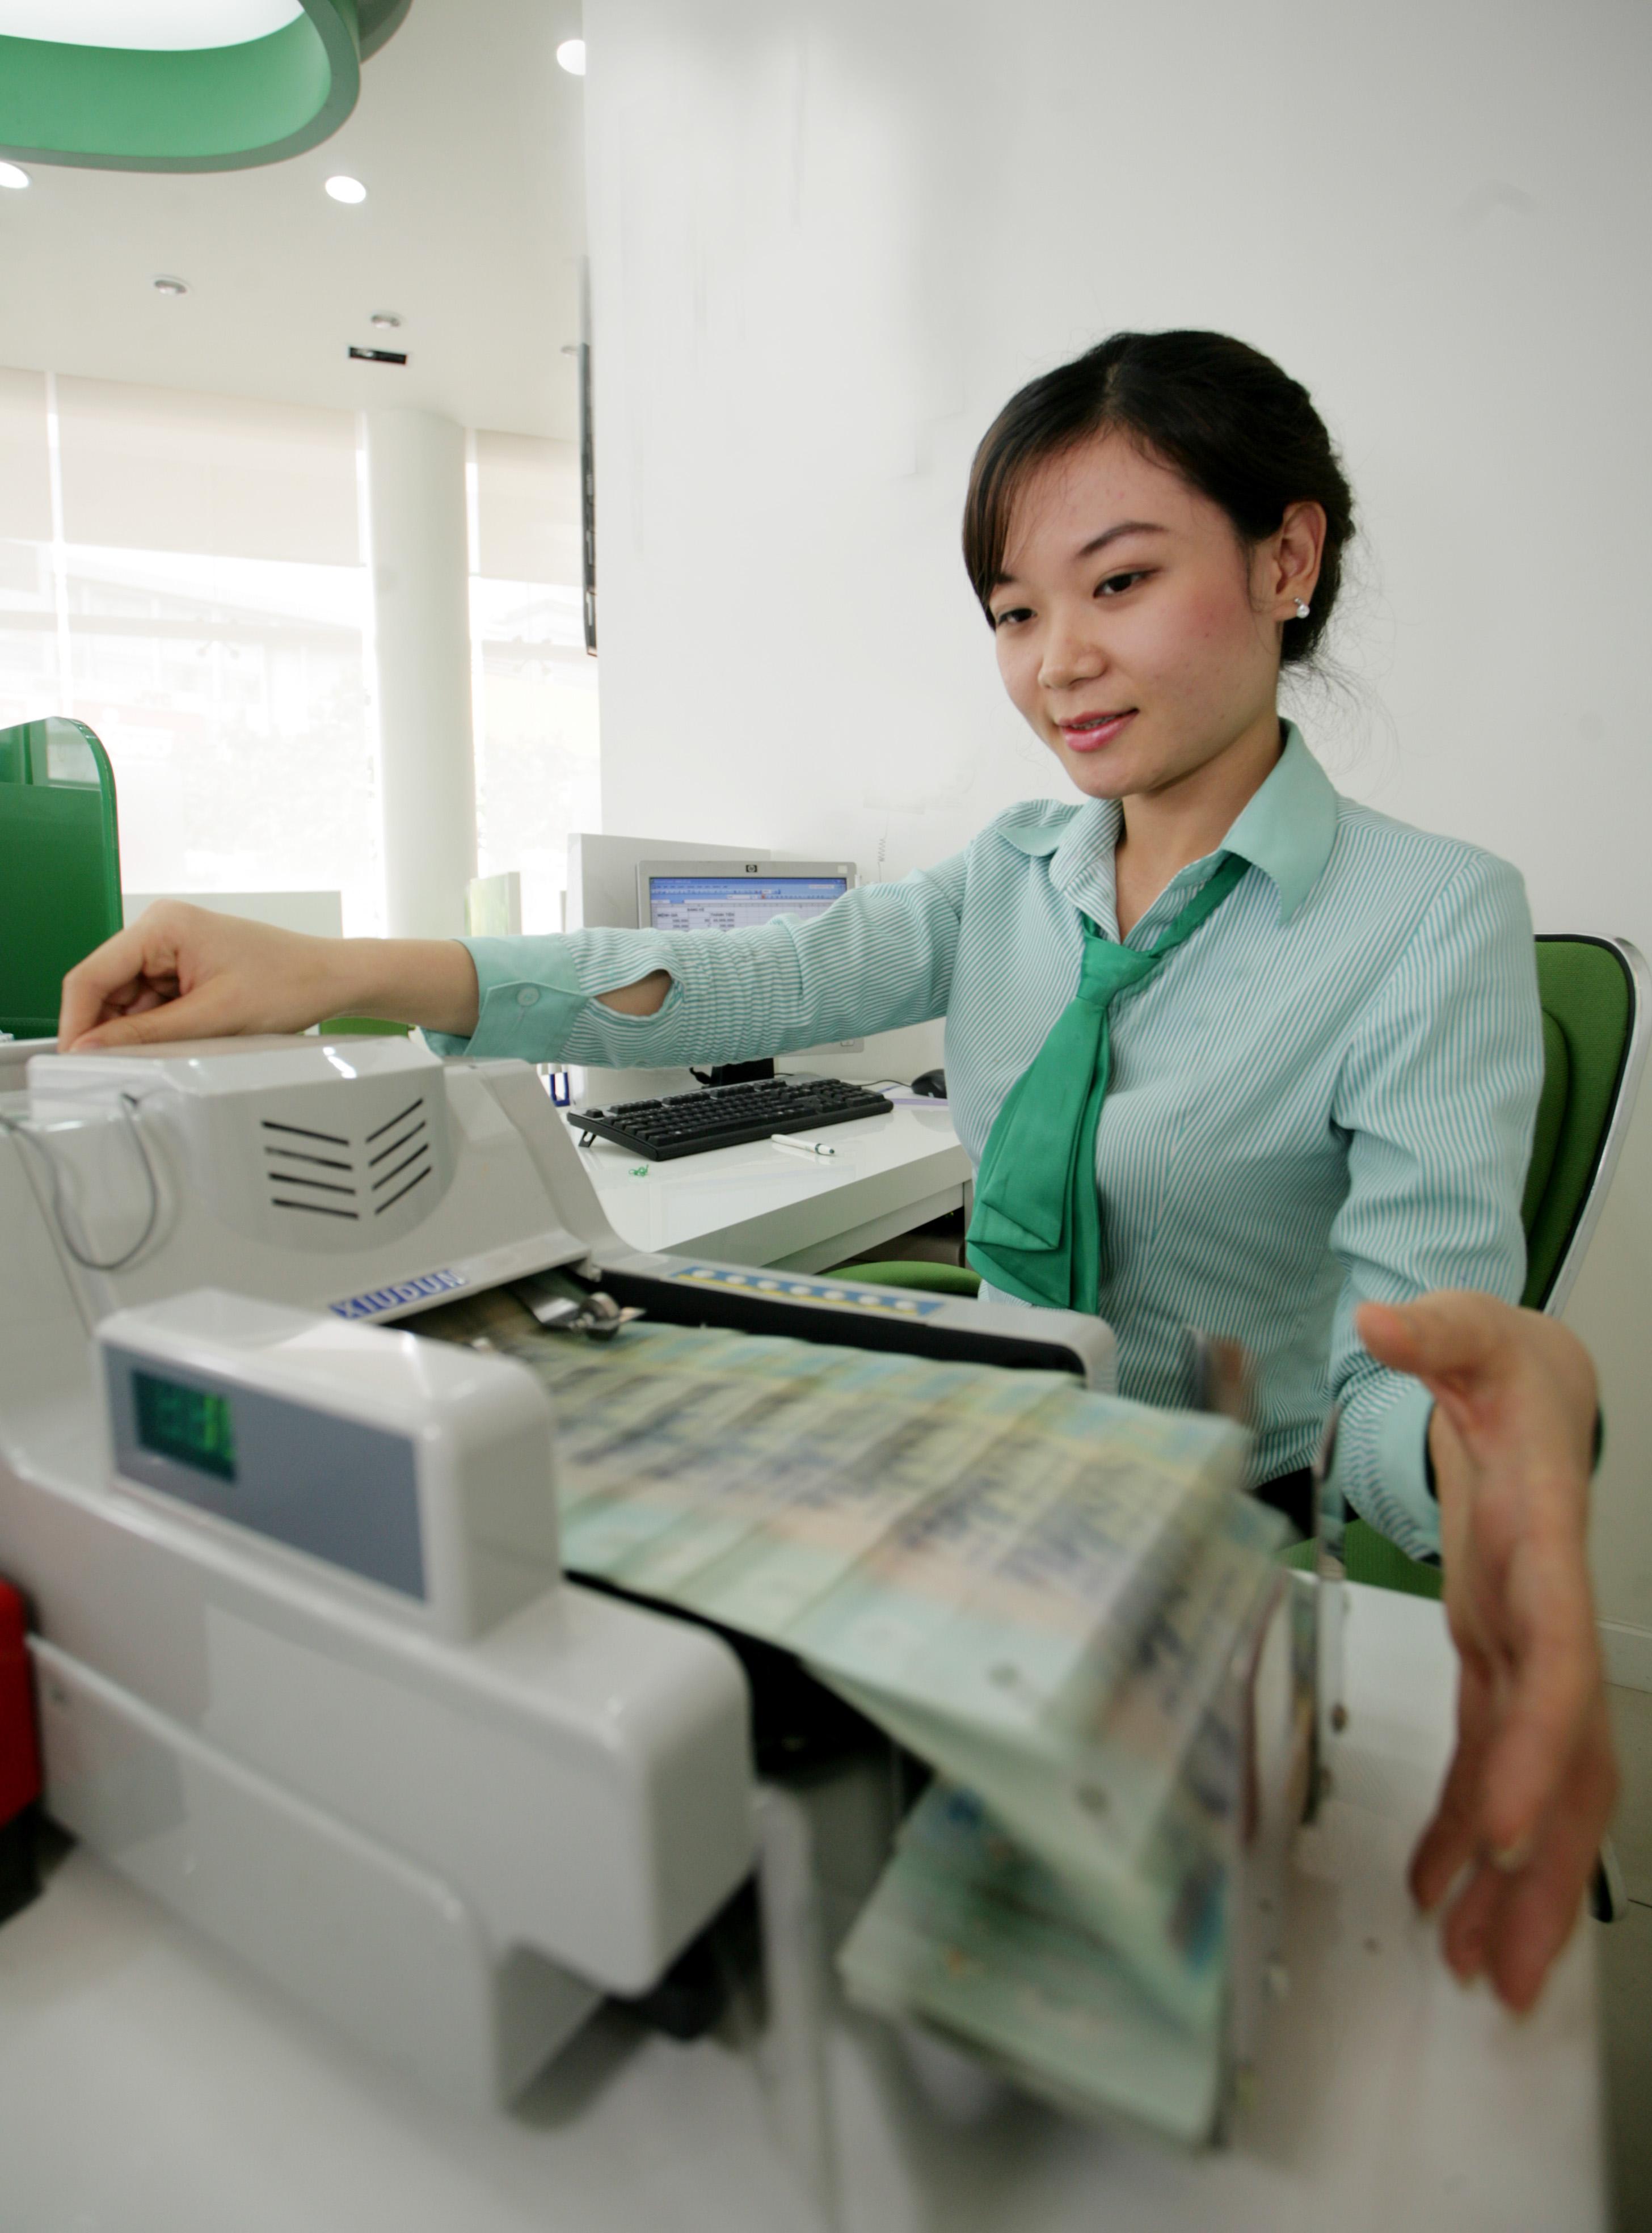 Government alleviates public debt concerns